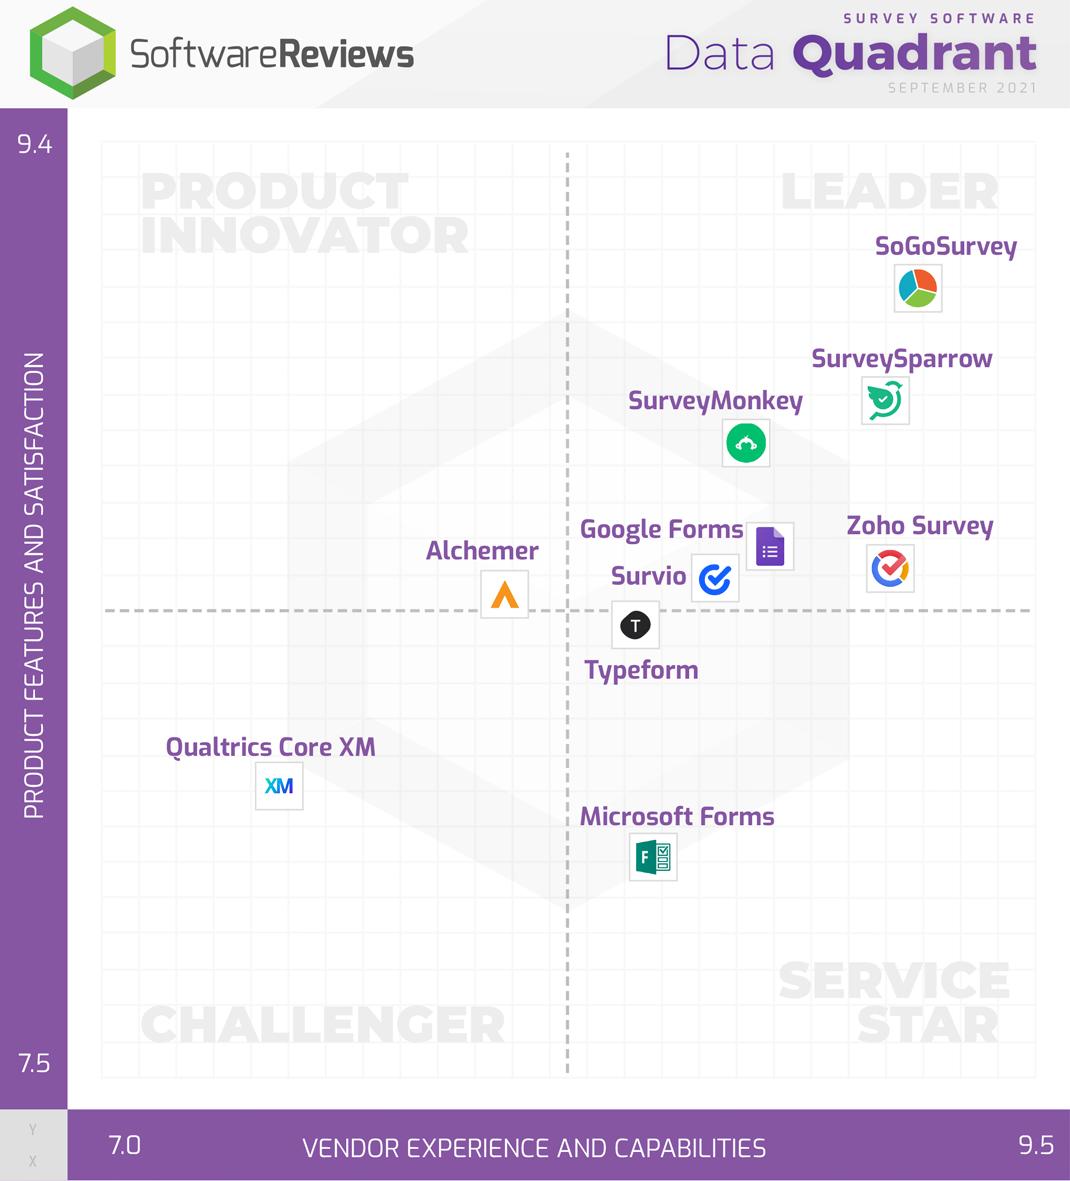 Survey Software Data Quadrant